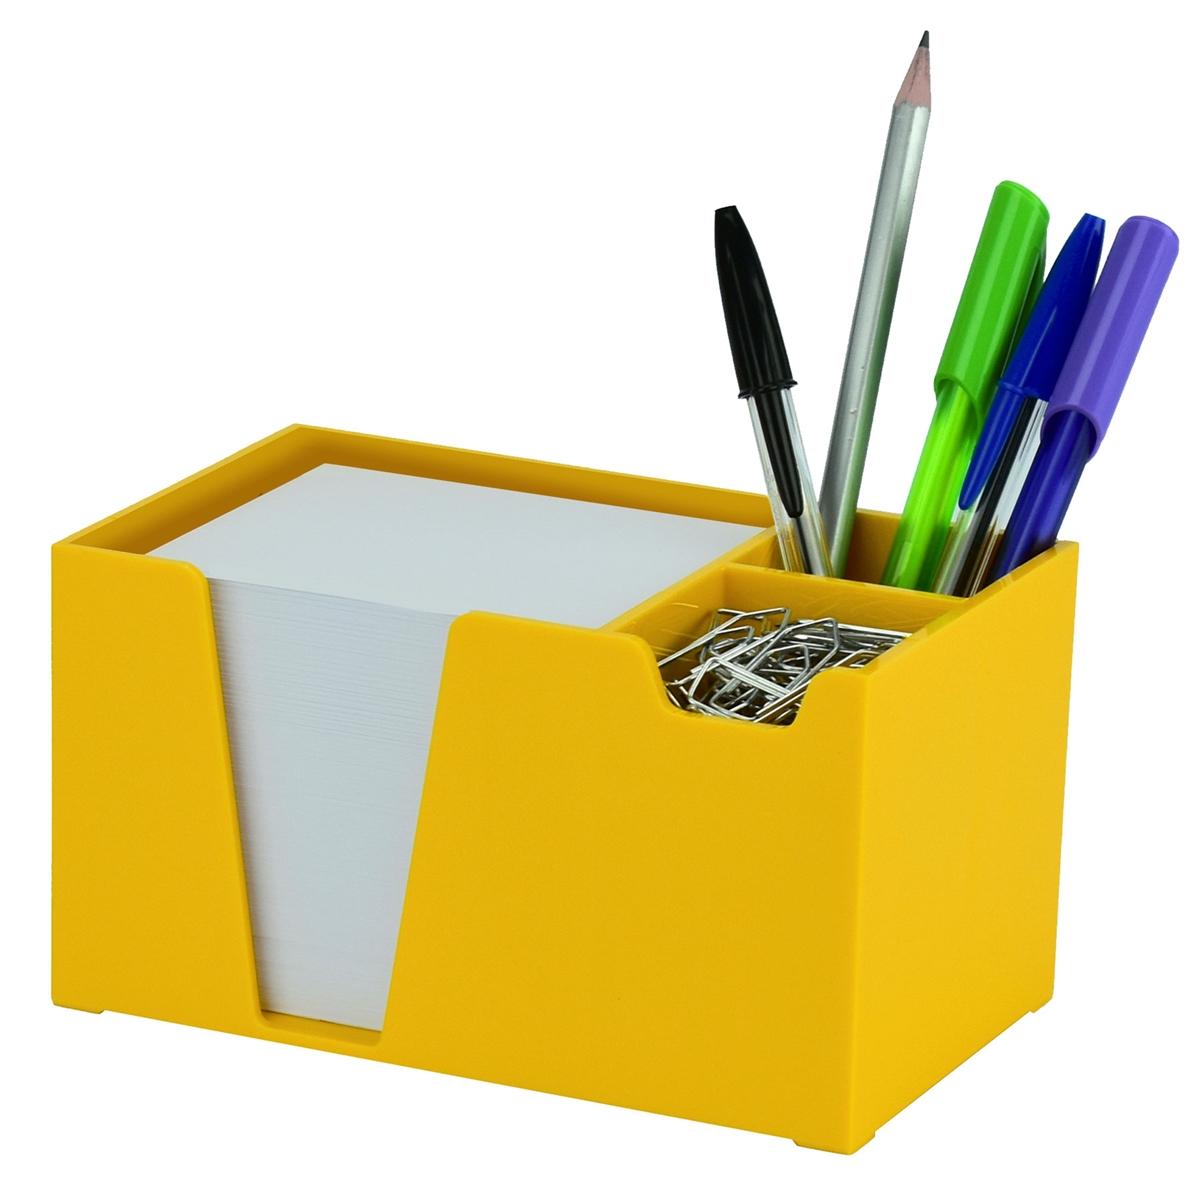 2f7bfe9e224c54 Acrimet Desk Organizer Pencil Paper Clip Holder (Yellow Color) (With ...